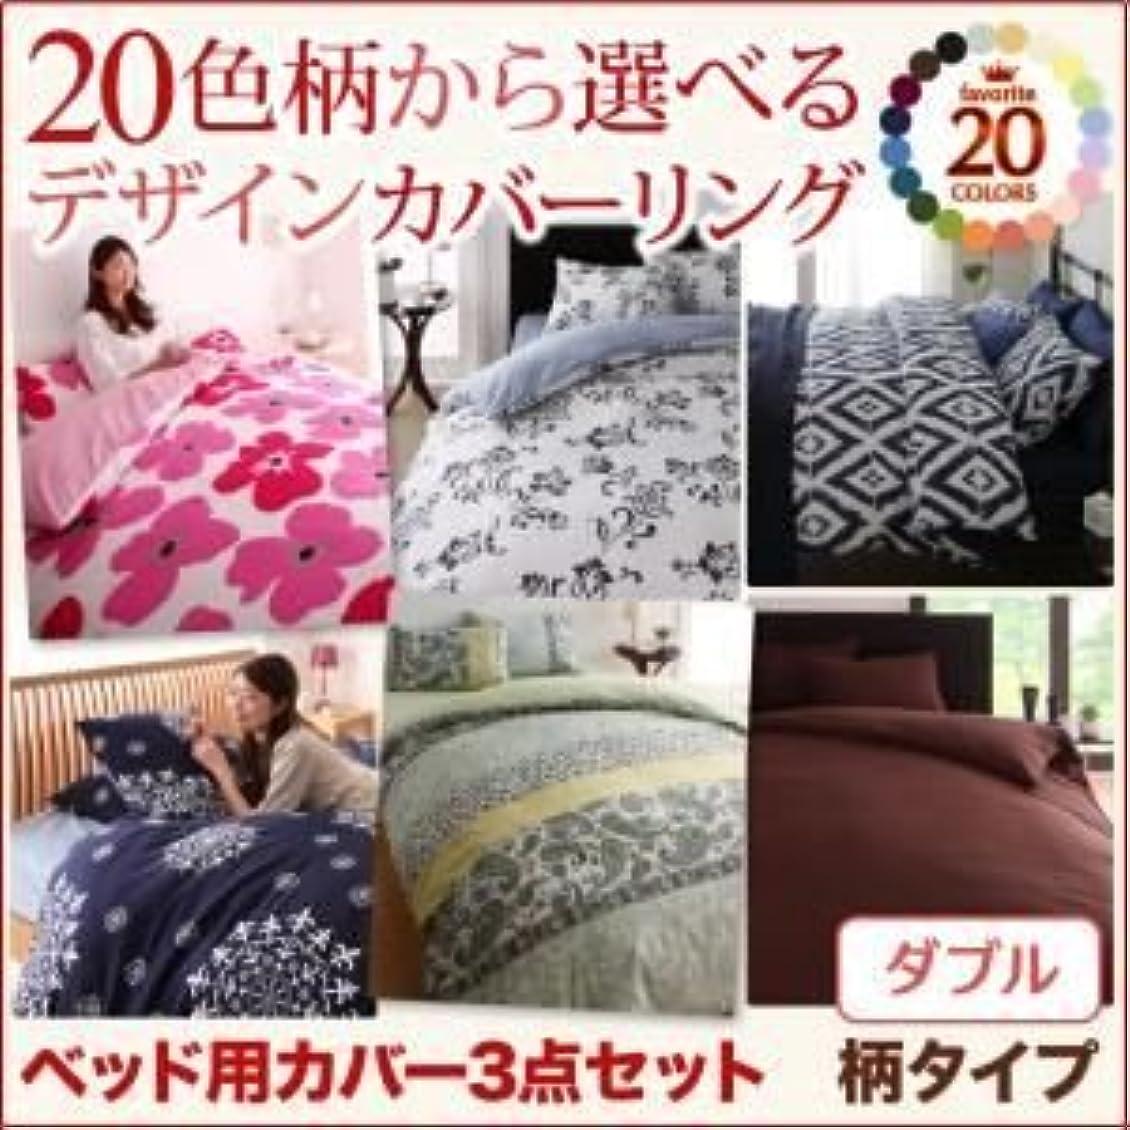 嫌がる虹アーカイブ布団カバーセット ダブル 幾何柄×ネイビー デザインカバーリングシリーズ[ベッド用]カバー3点セット